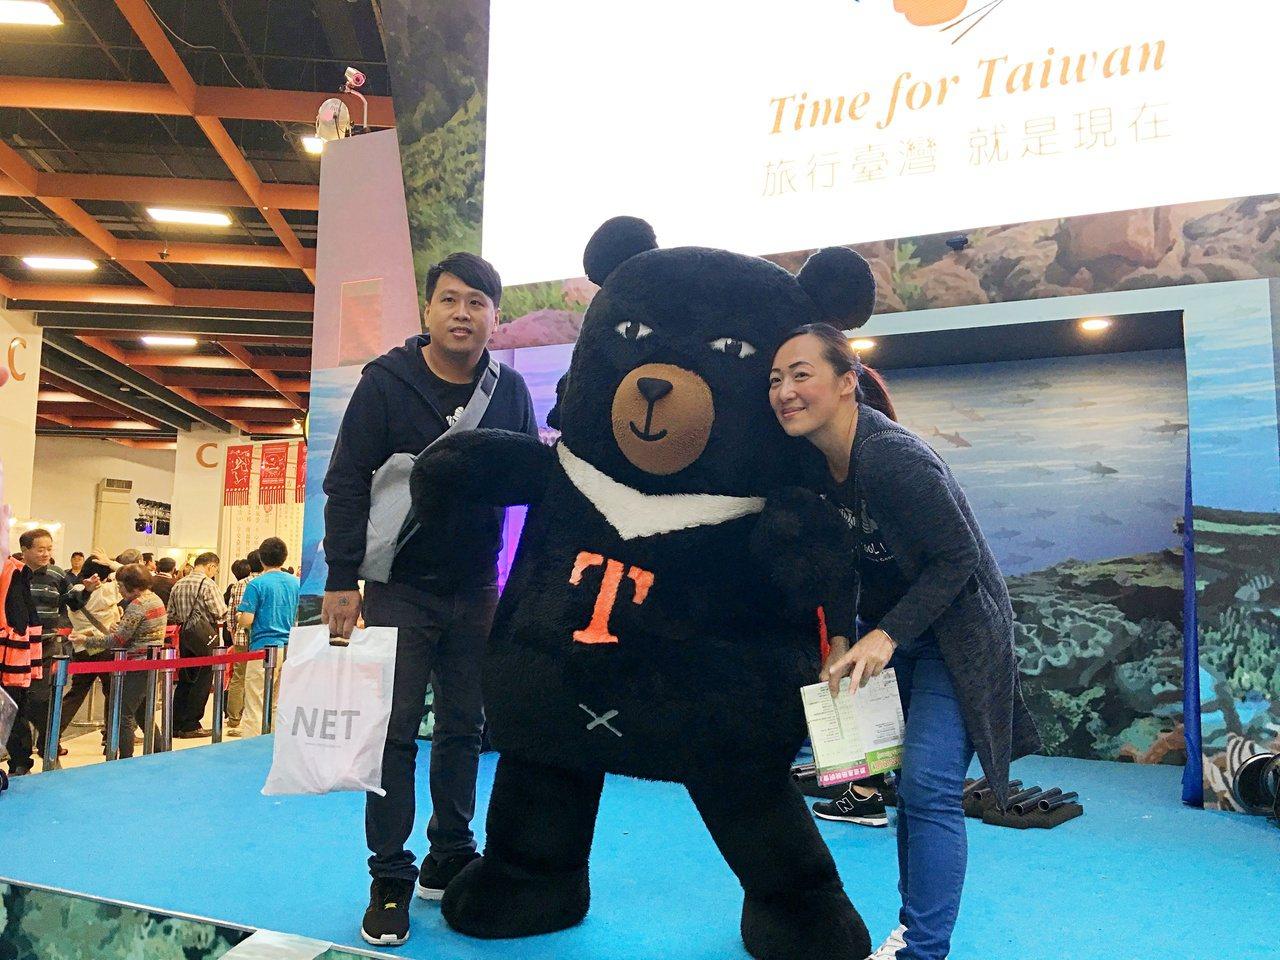 民眾輪流與吉祥物熊讚合照拿贈品。記者魏妤庭/攝影